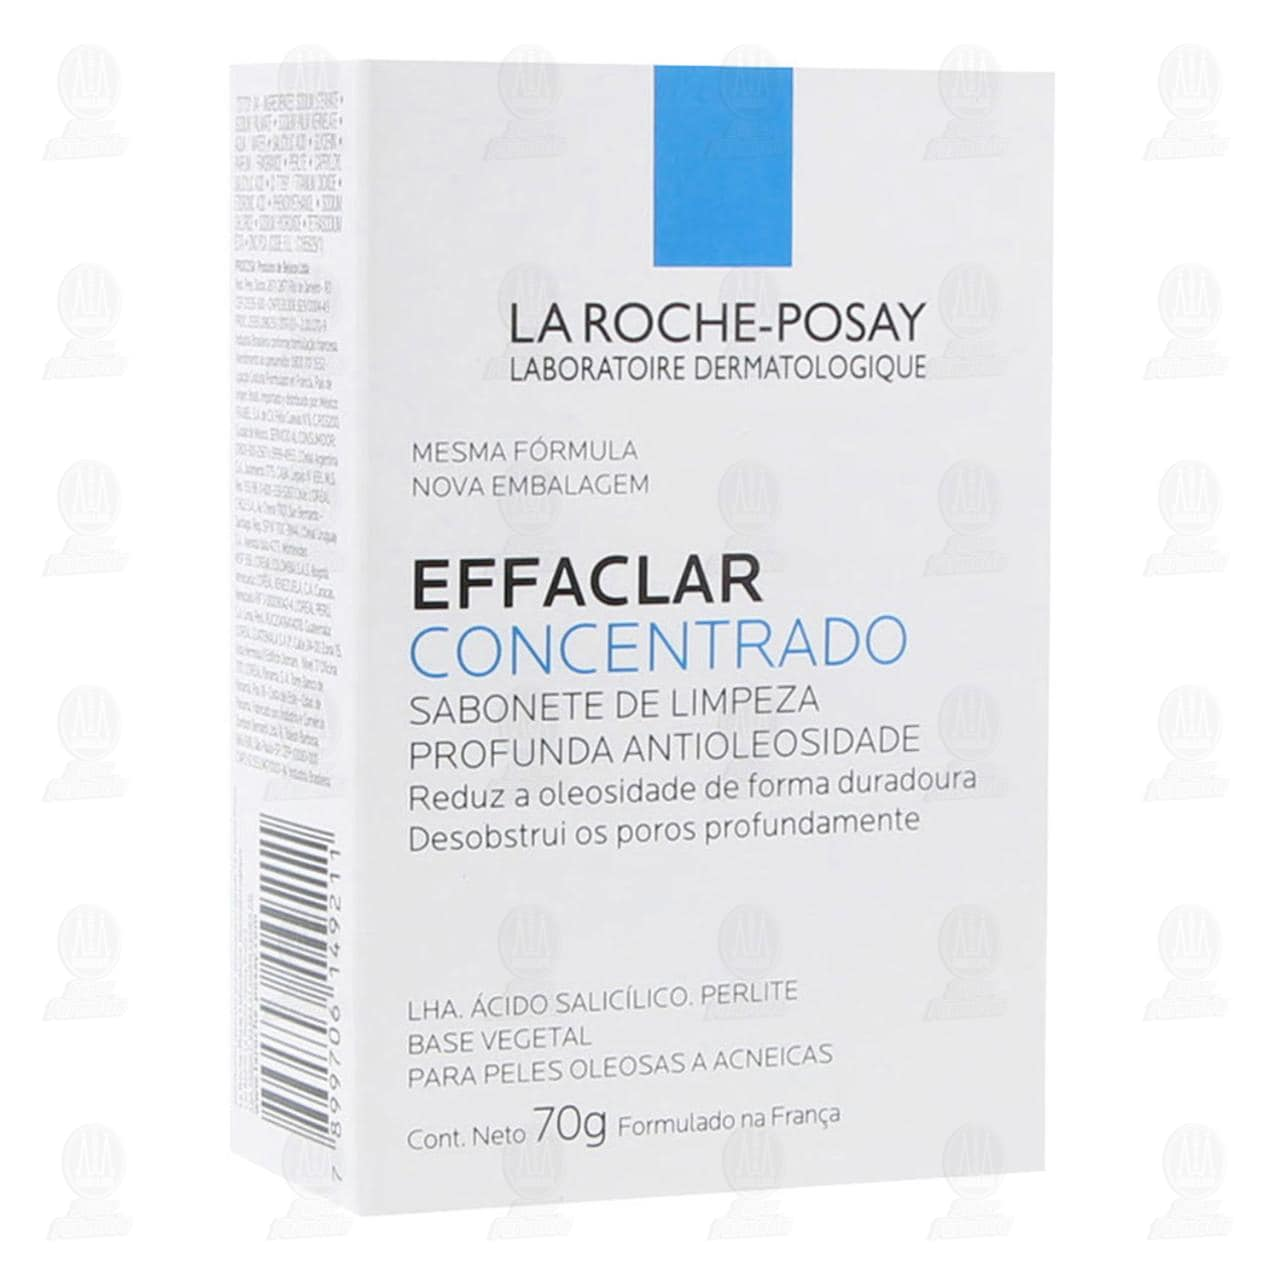 Comprar La Roche Posay Effaclar Concentrado Barra de Limpieza Profunda Antibrillo, 70 gr. en Farmacias Guadalajara